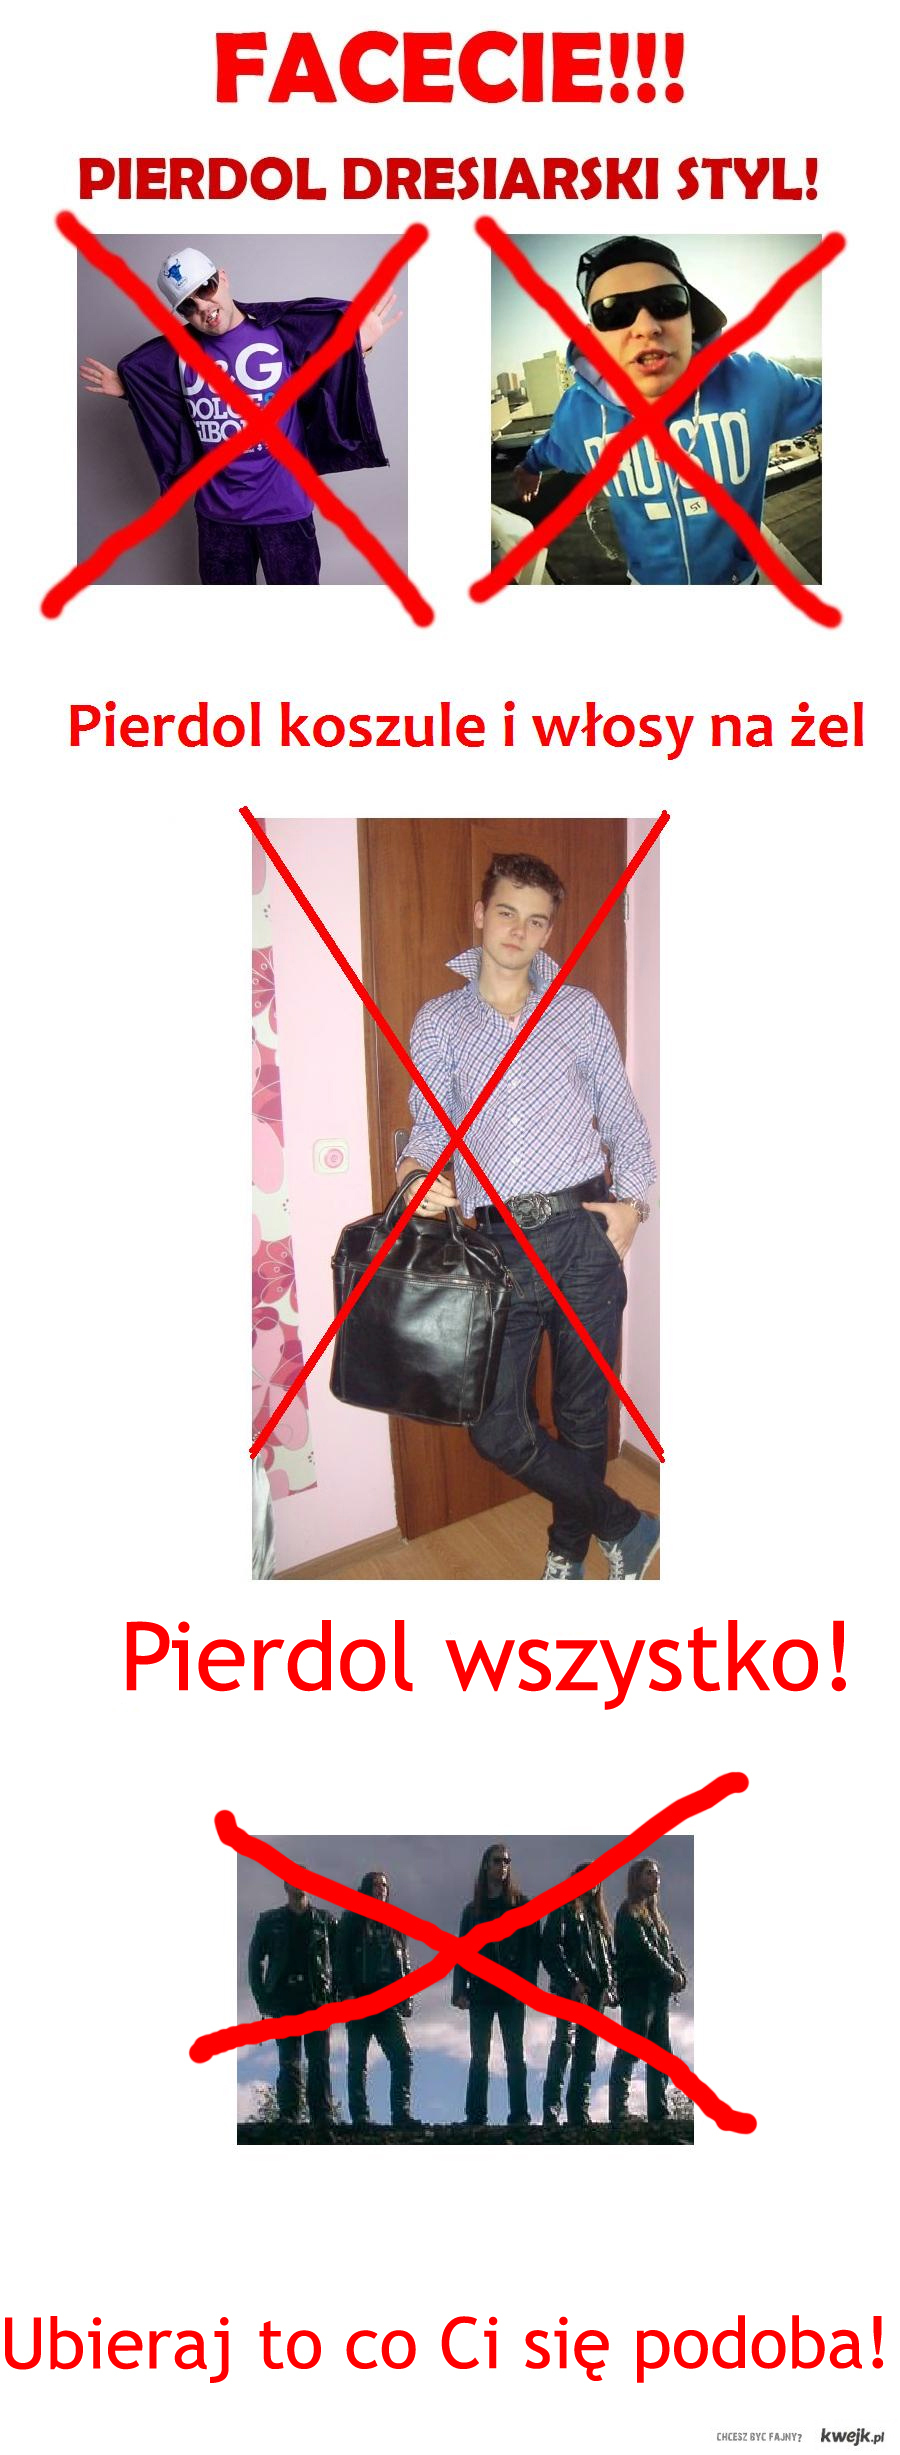 pierdol_to